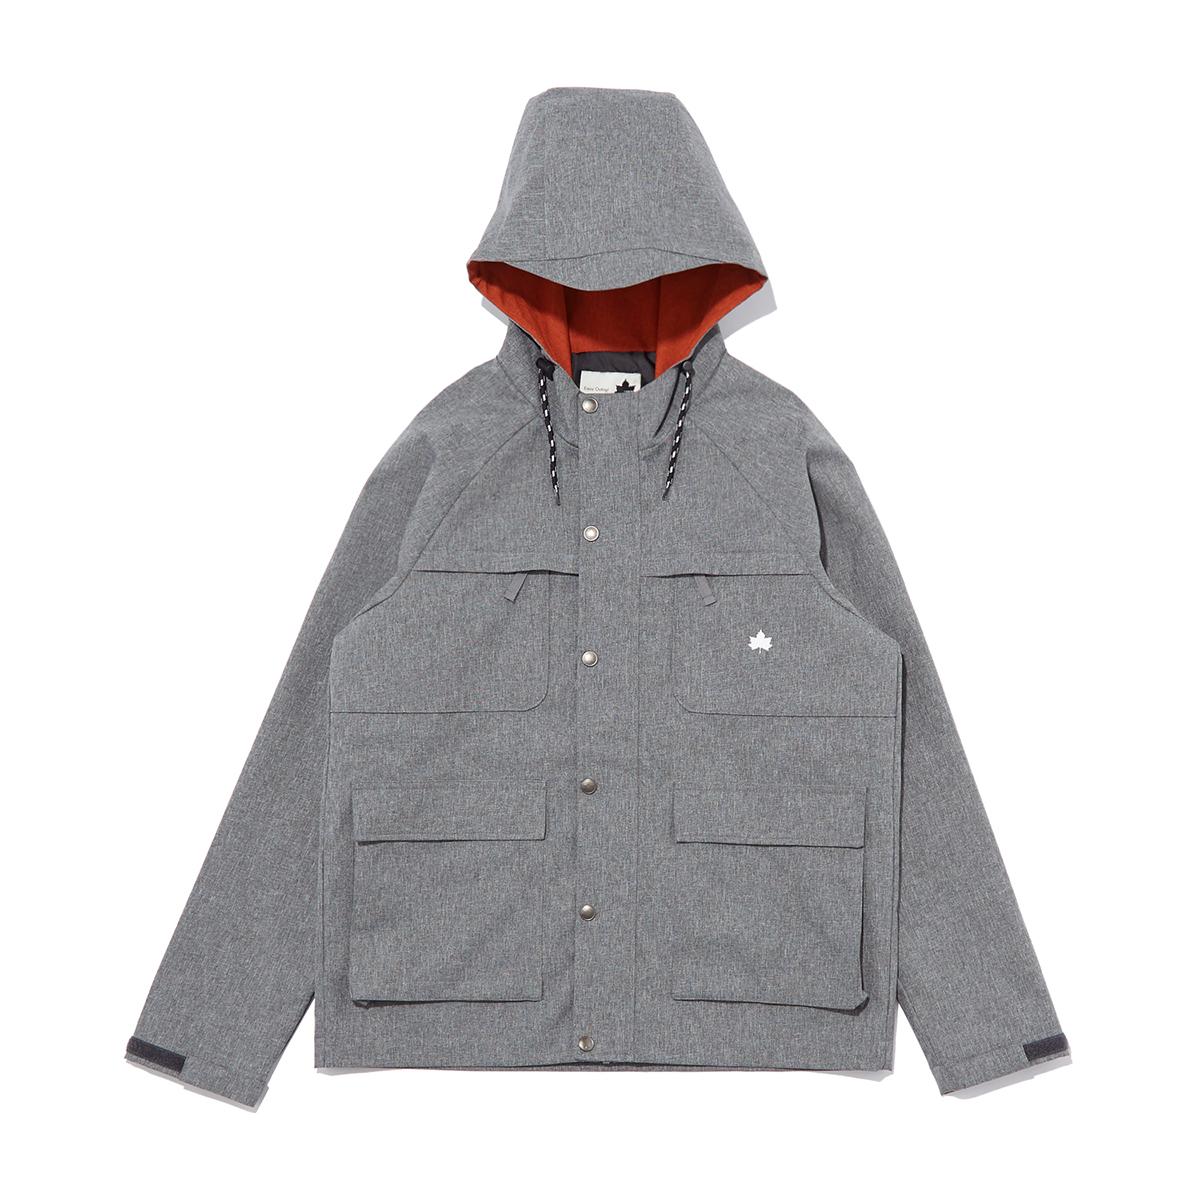 ネオステンジャケットⅢ